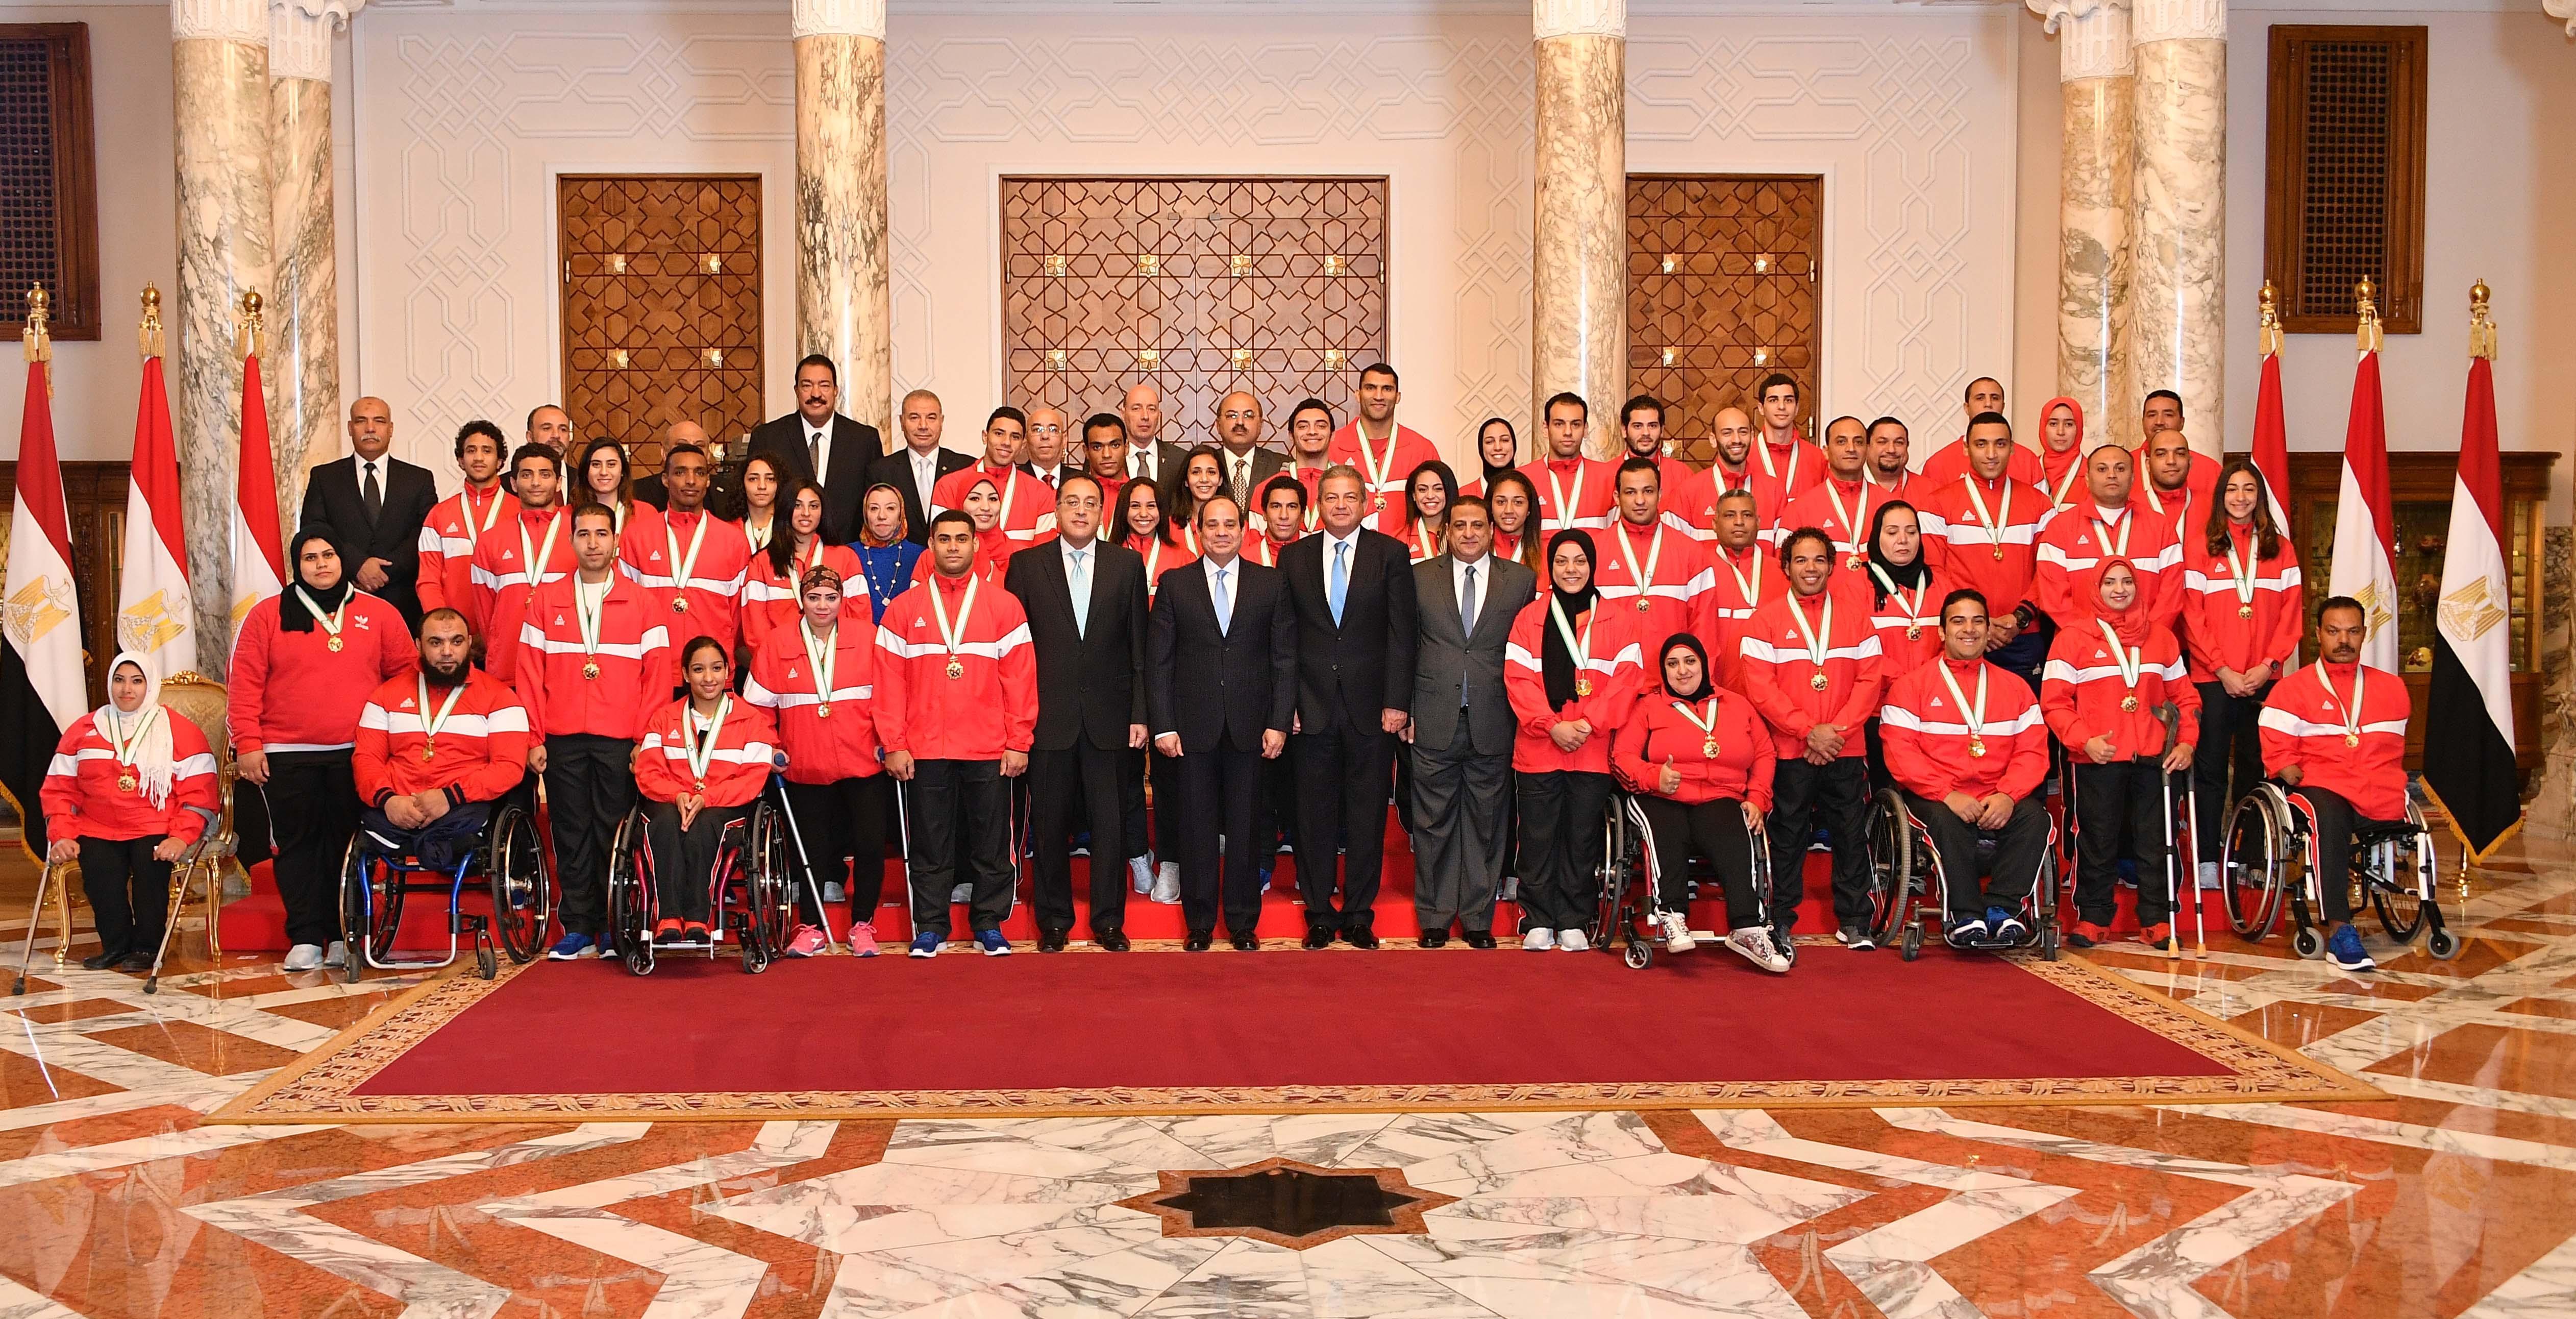 السيسى يمنح أوسمة الجمهورية للأبطال الرياضيين  (1)